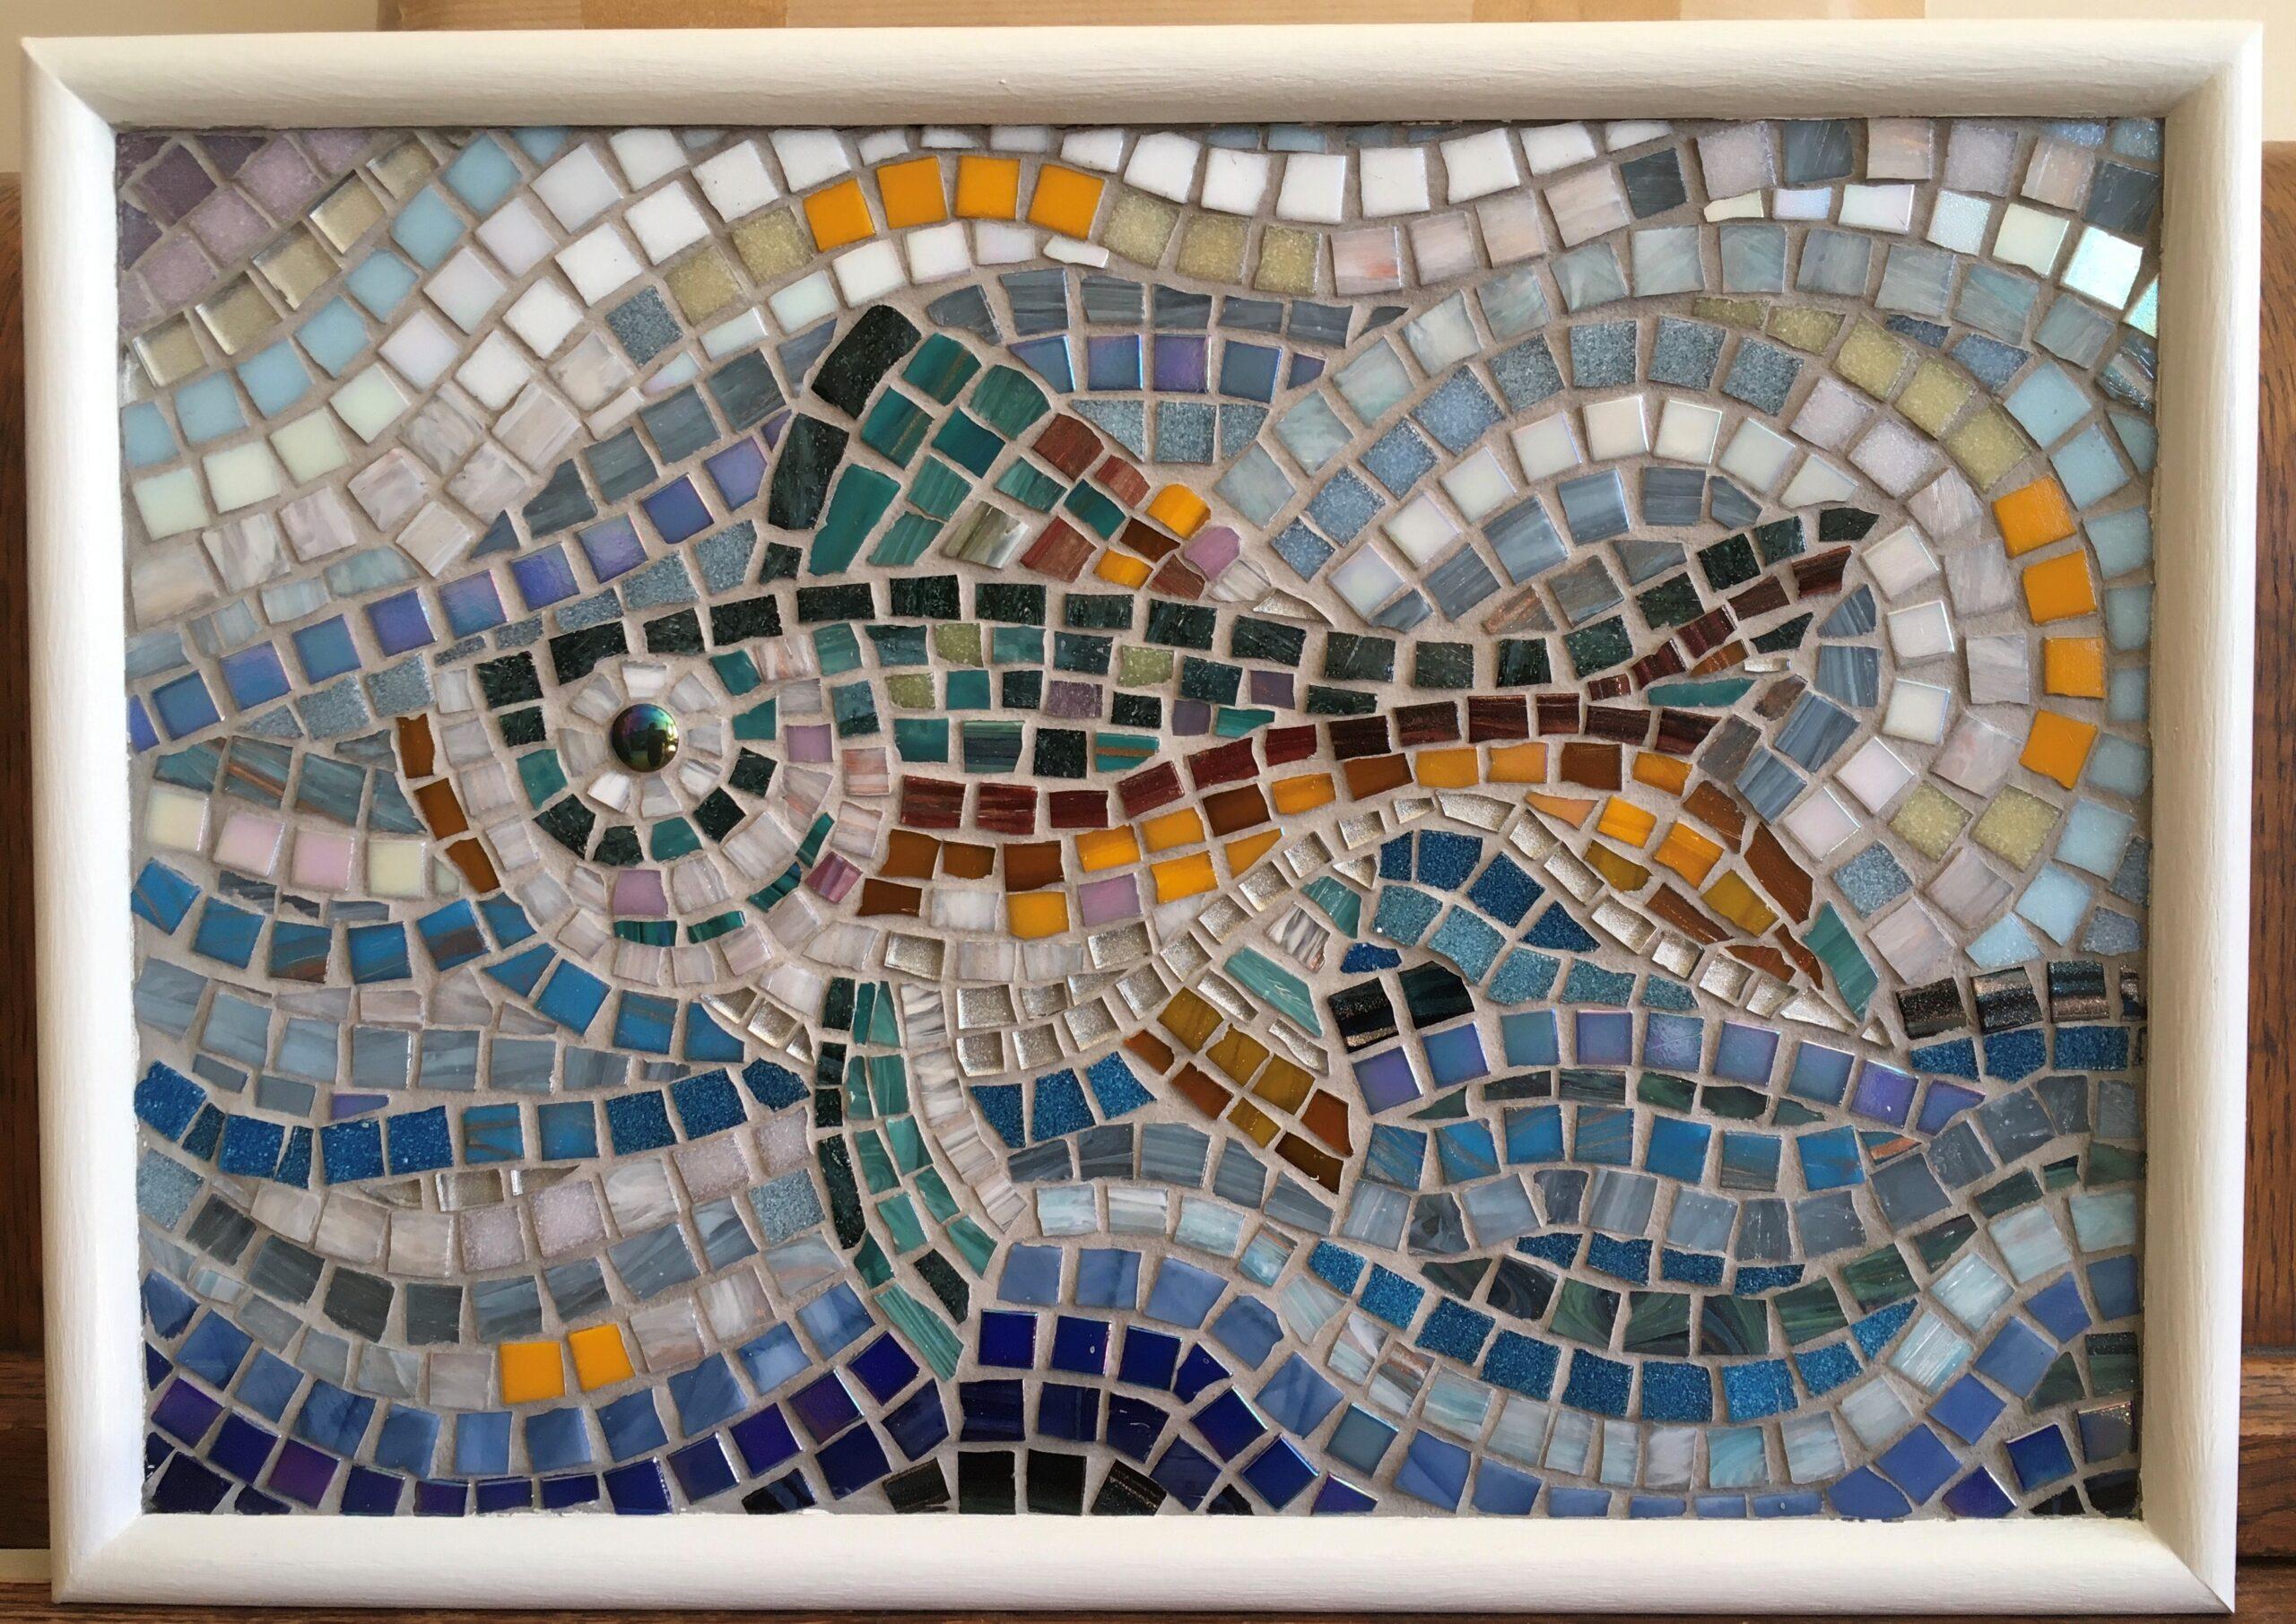 fish mosaic image